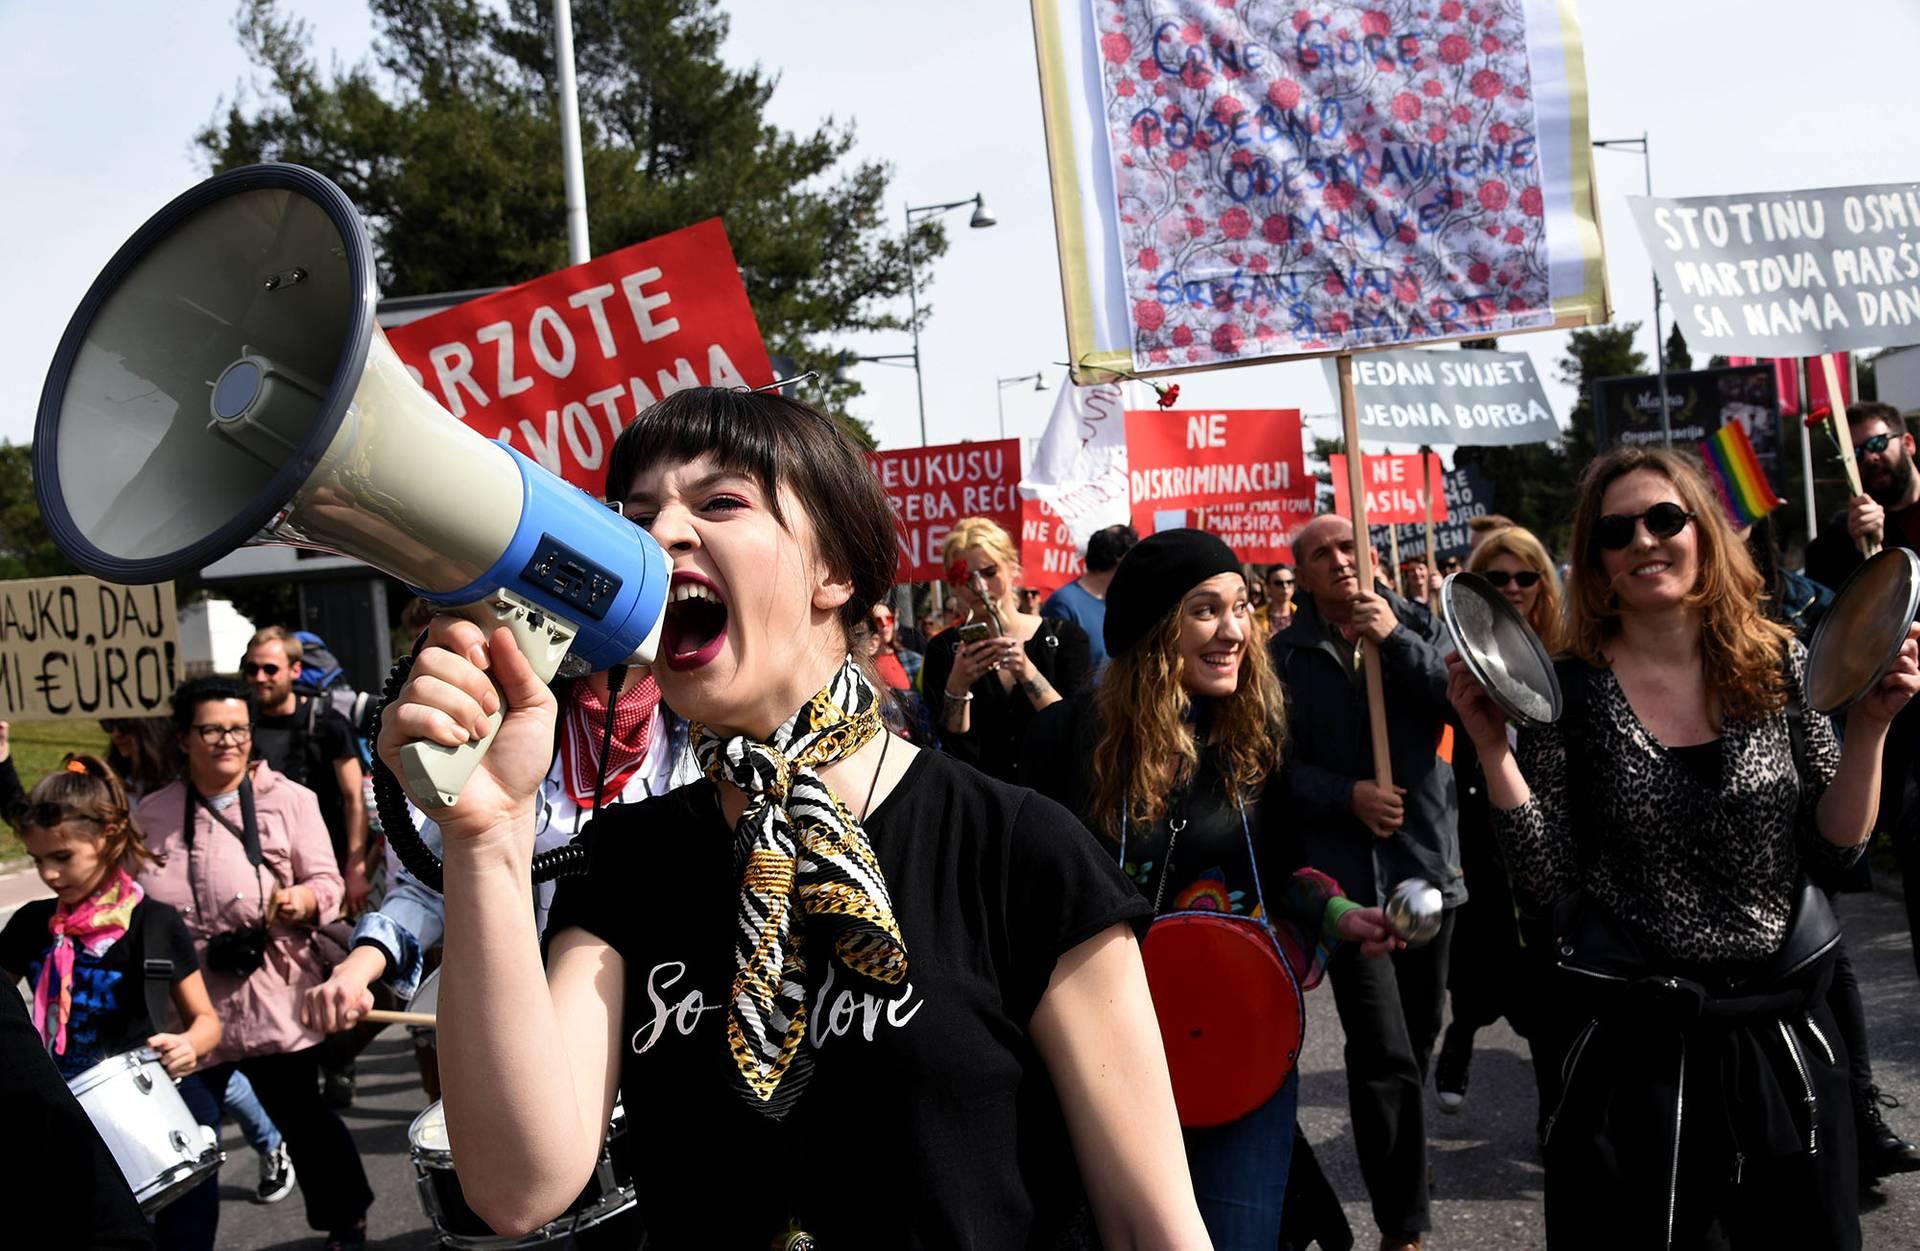 Жінки та активісти-чоловіки взяли участь у демонстрації з нагоди Міжнародного захисту прав жінок в Подгориці, Чорногорія, 8 березня 2019 року